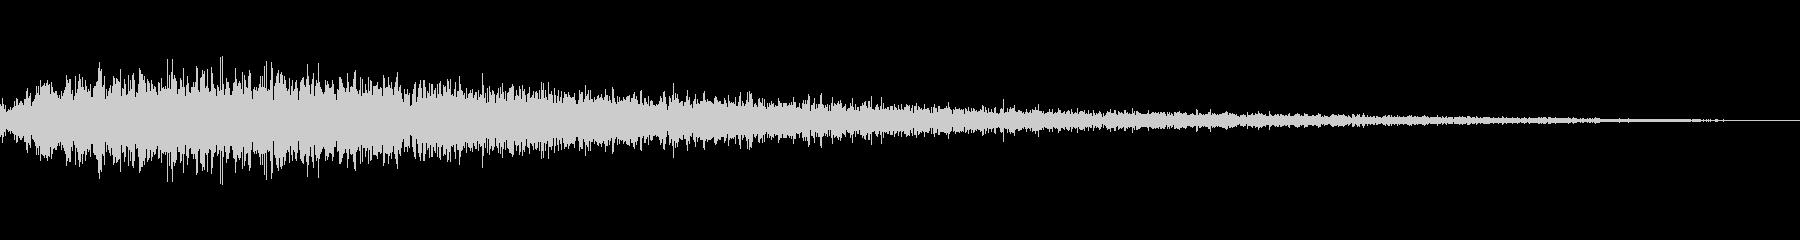 【効果音】ホラー・サスペンス_02の未再生の波形